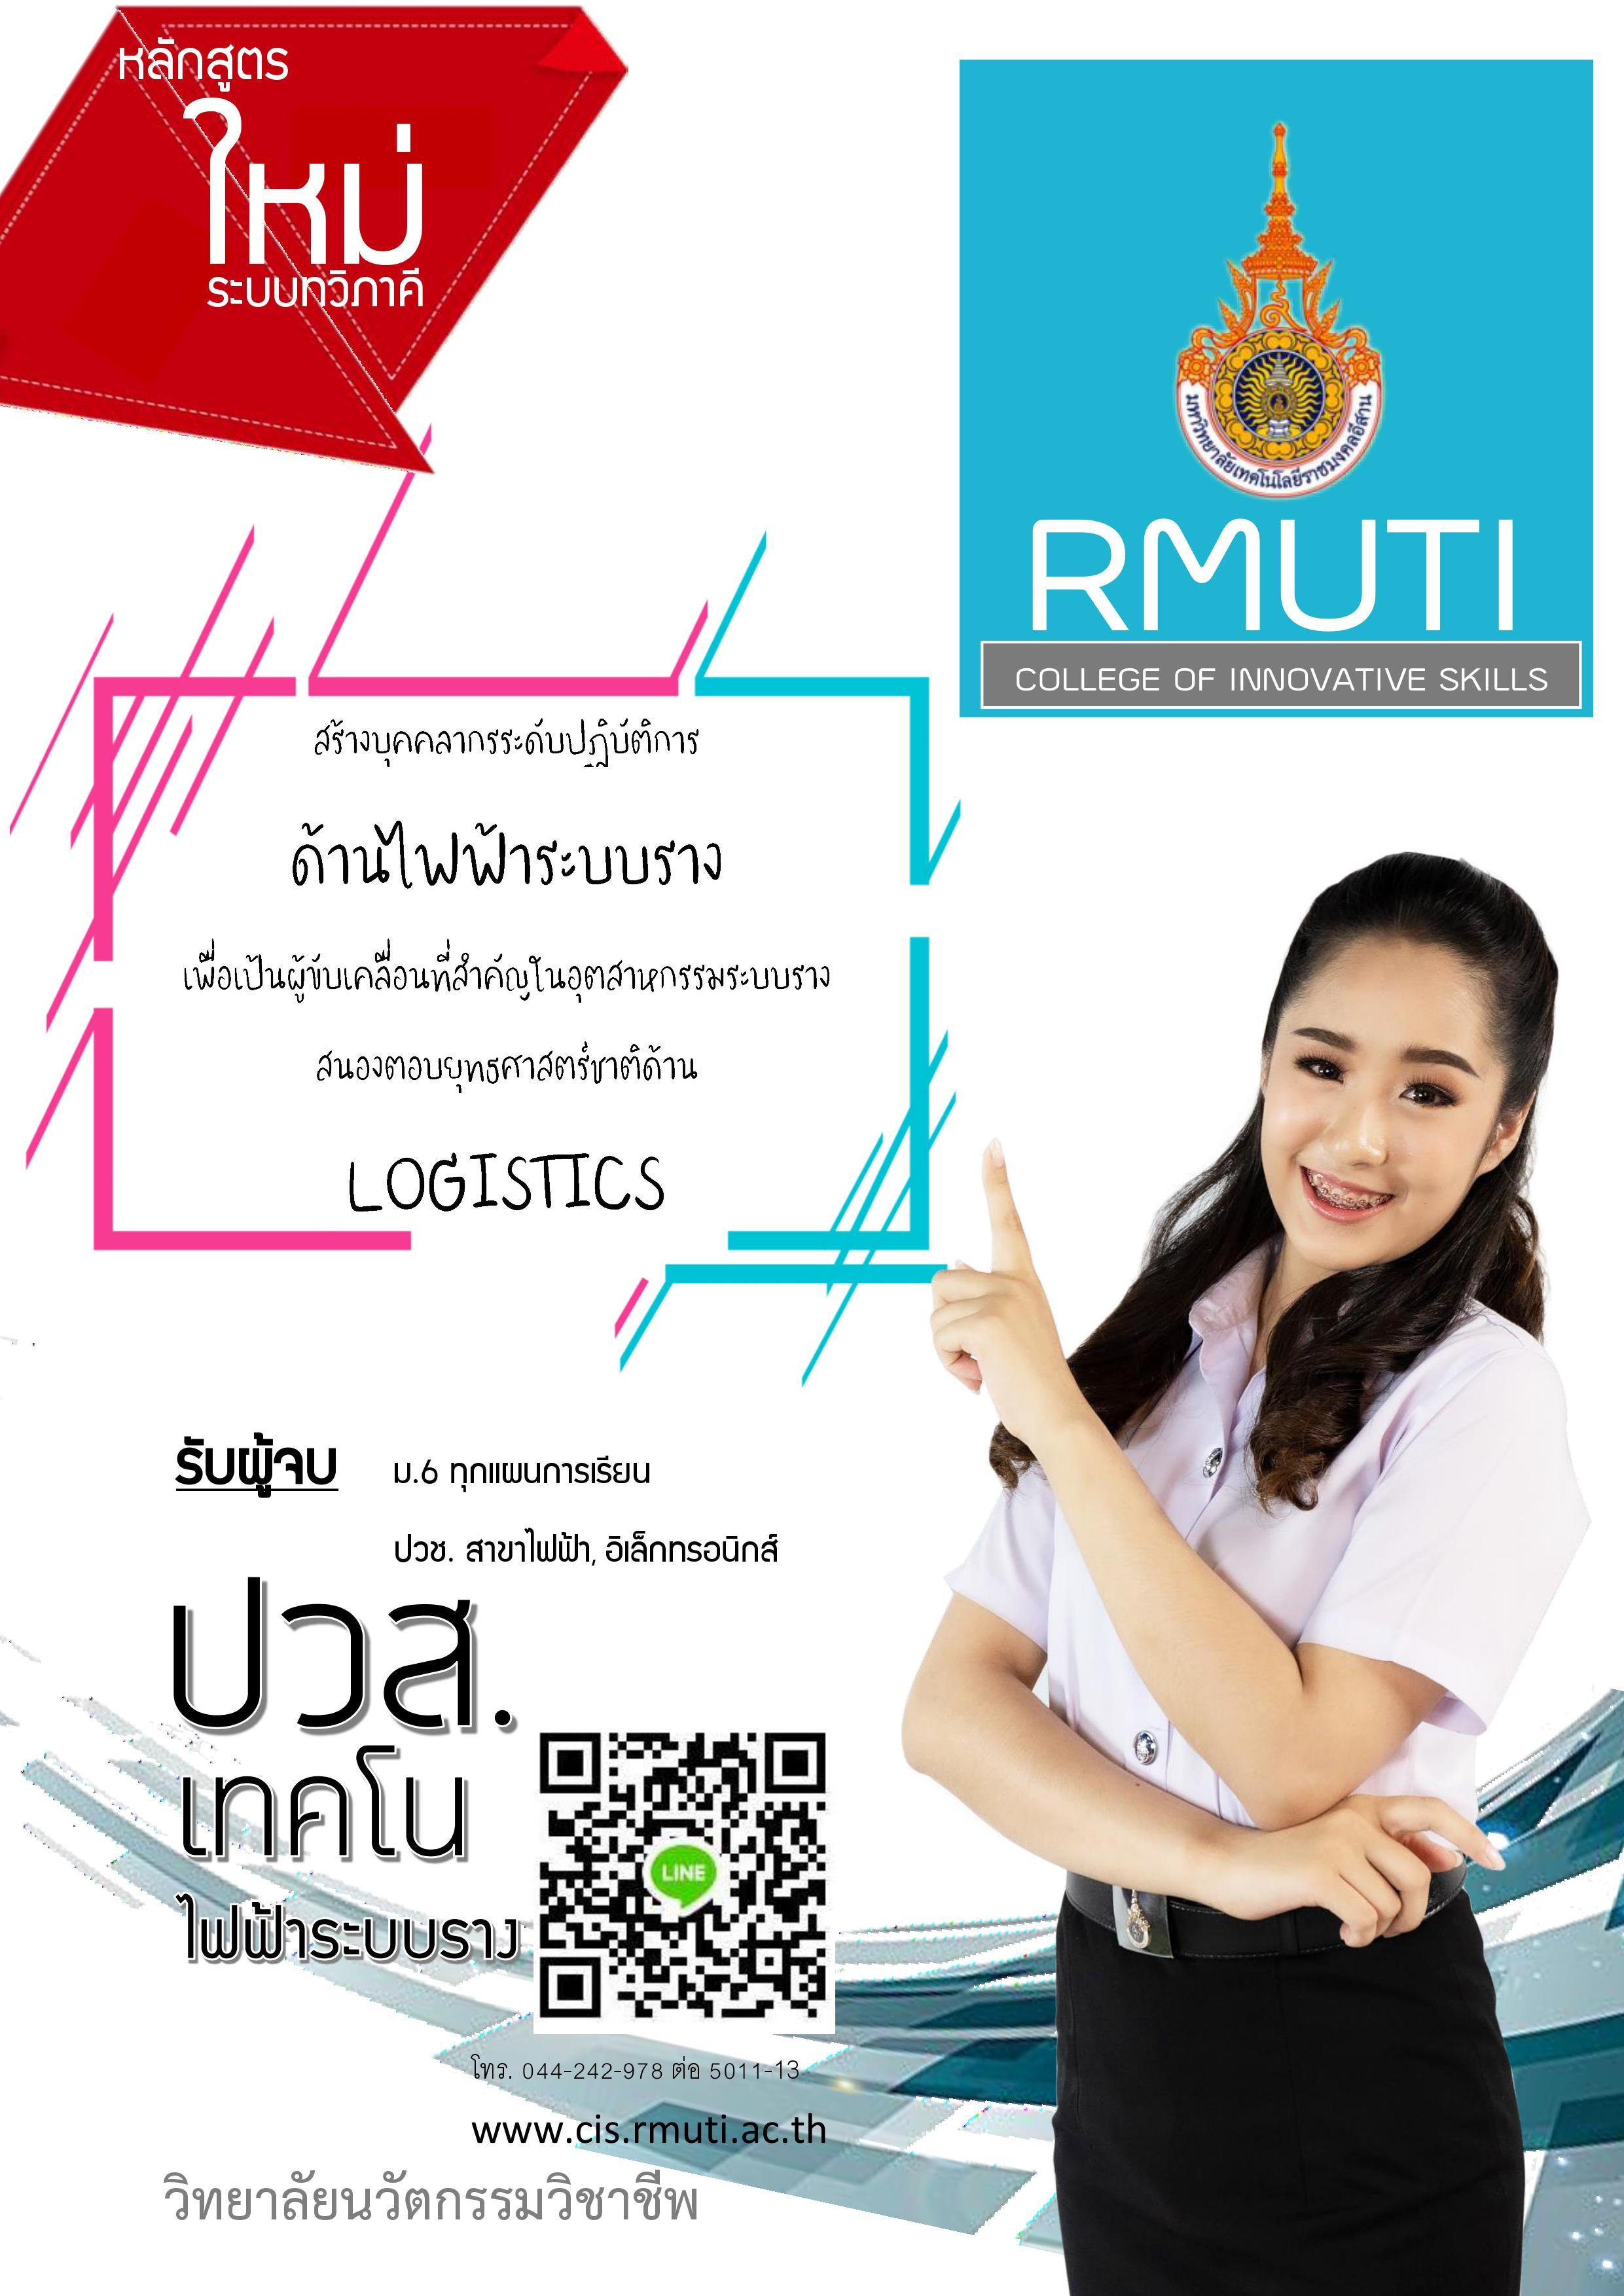 https://www.rmuti.ac.th/news/attash/8f9d017c50d4ec4ae4d412f3dfb85a17-20191016-2-1507-9492.jpeg